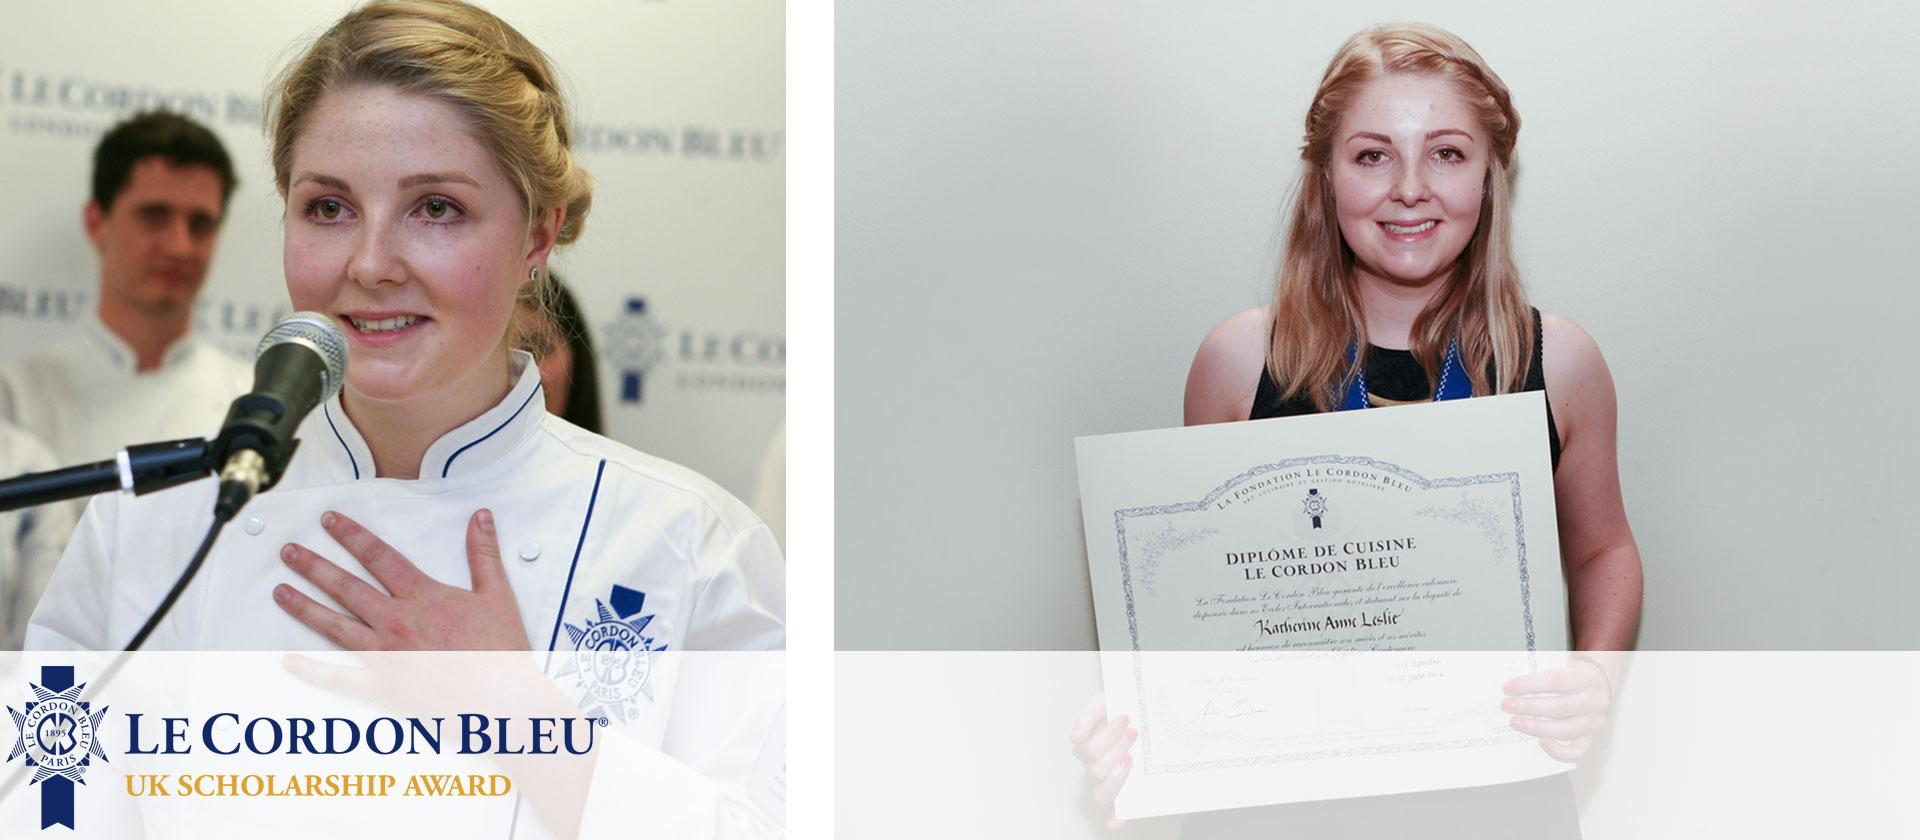 Alumna Katie Leslie - Le Cordon Bleu London